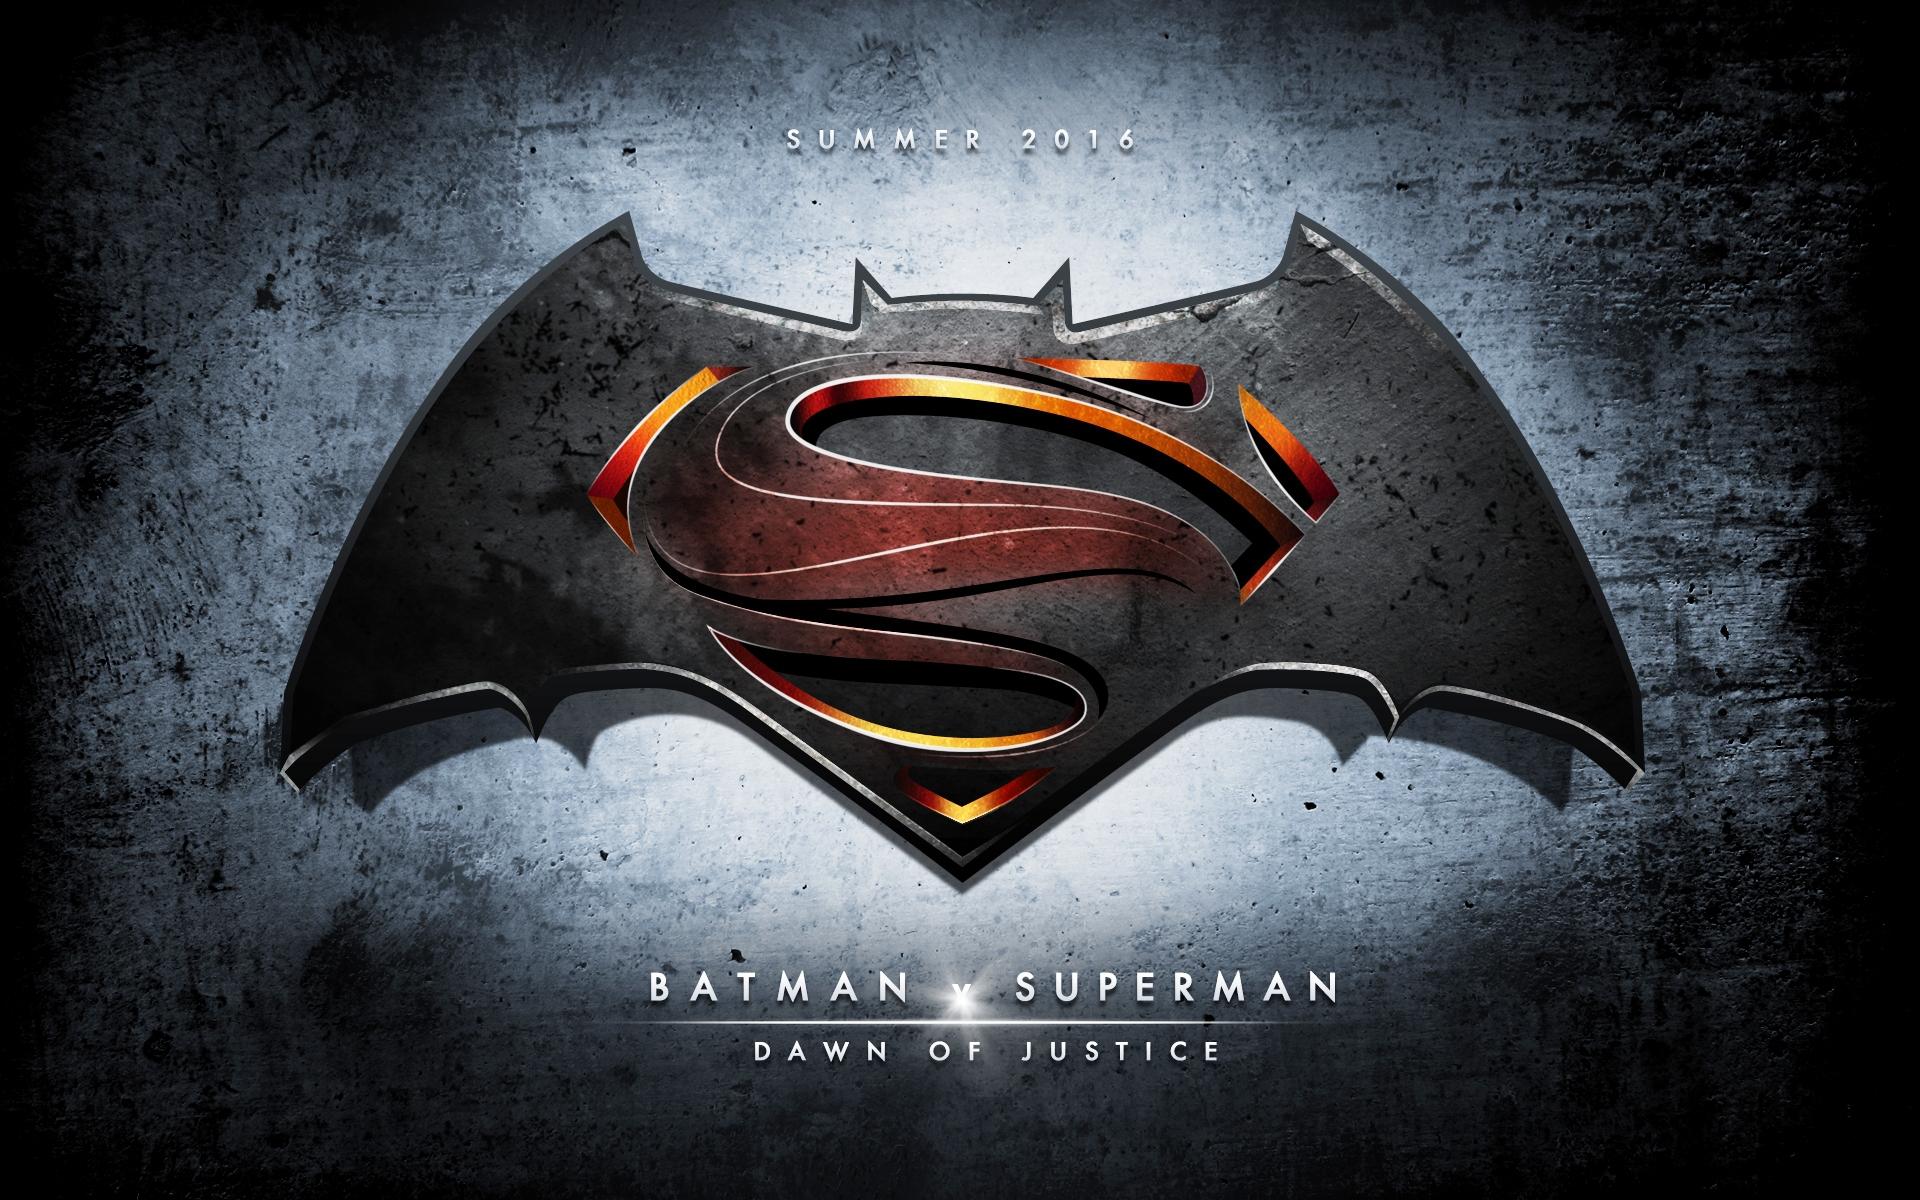 Batman V Superman Dawn Of Justice Images